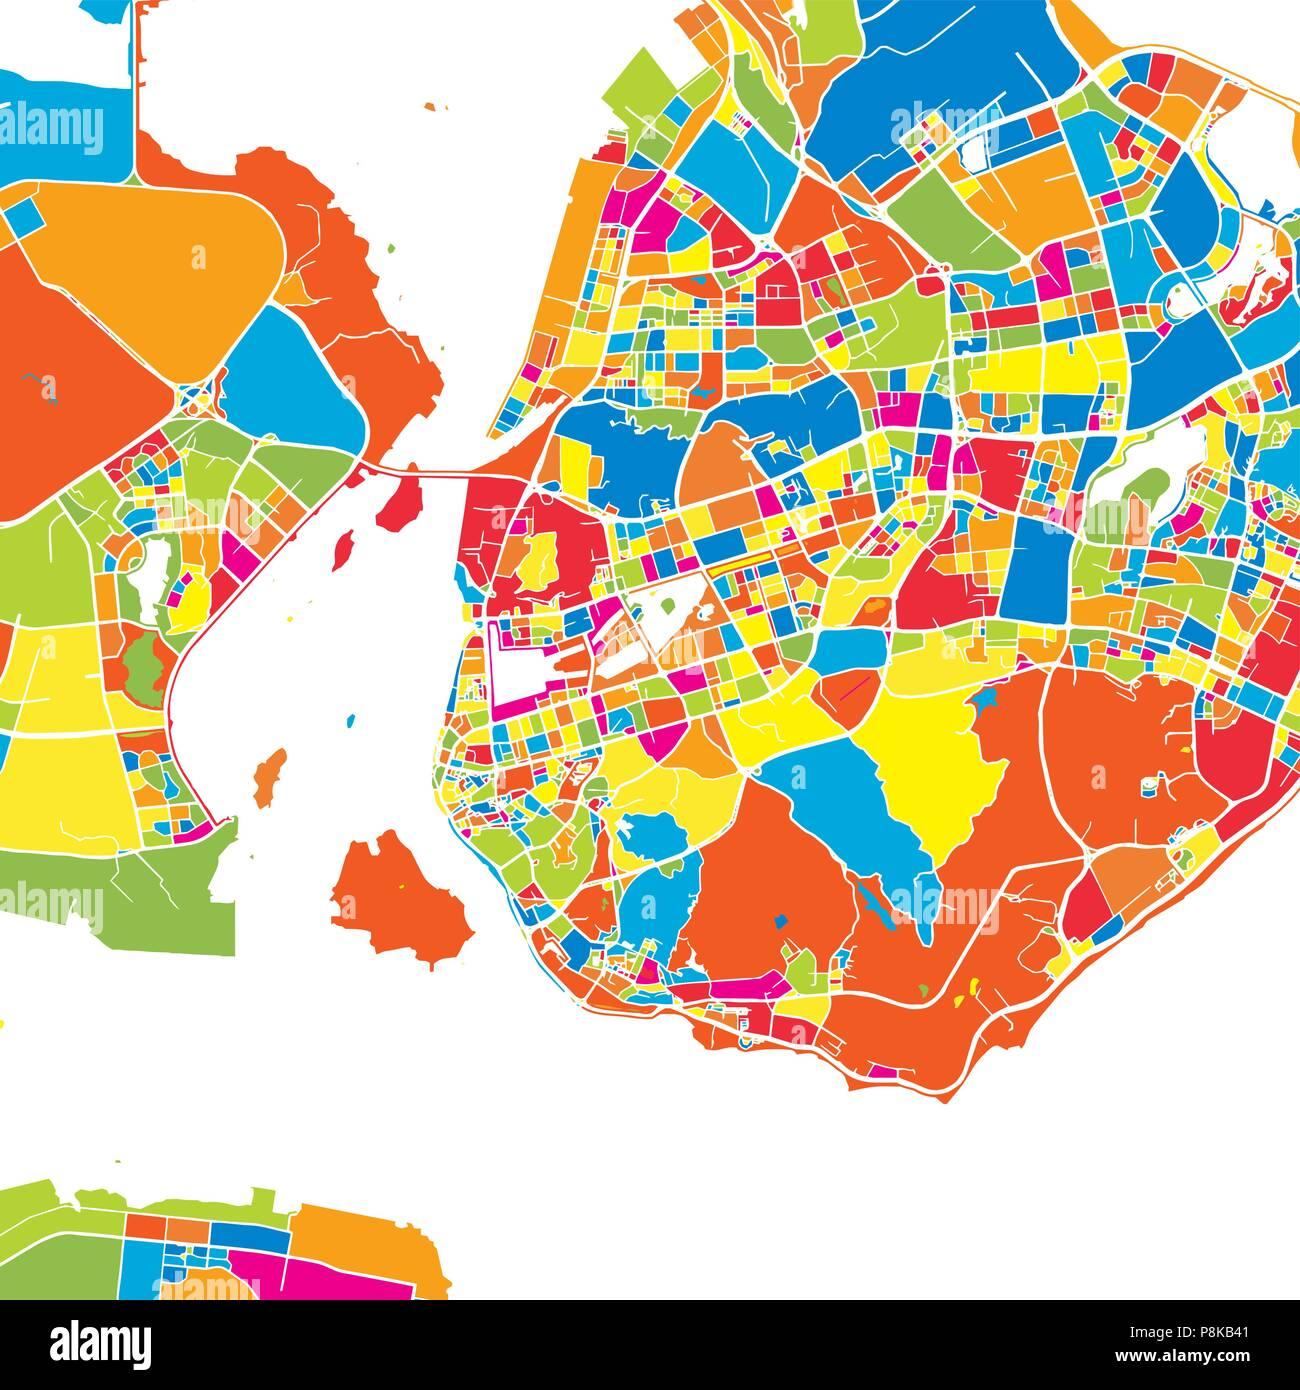 Carte Chine Xiamen.Xiamen Chine Colore Carte Vectorielle Rue Blanche Des